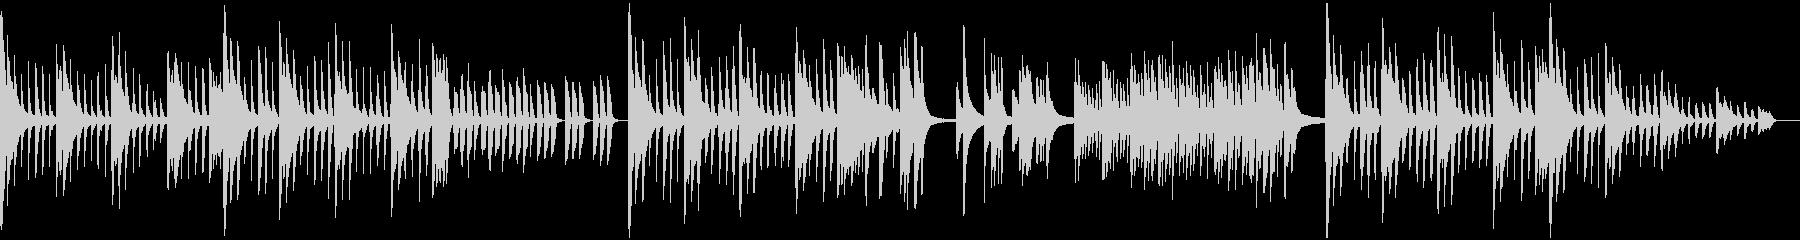 深く神秘的なピアノソロの未再生の波形